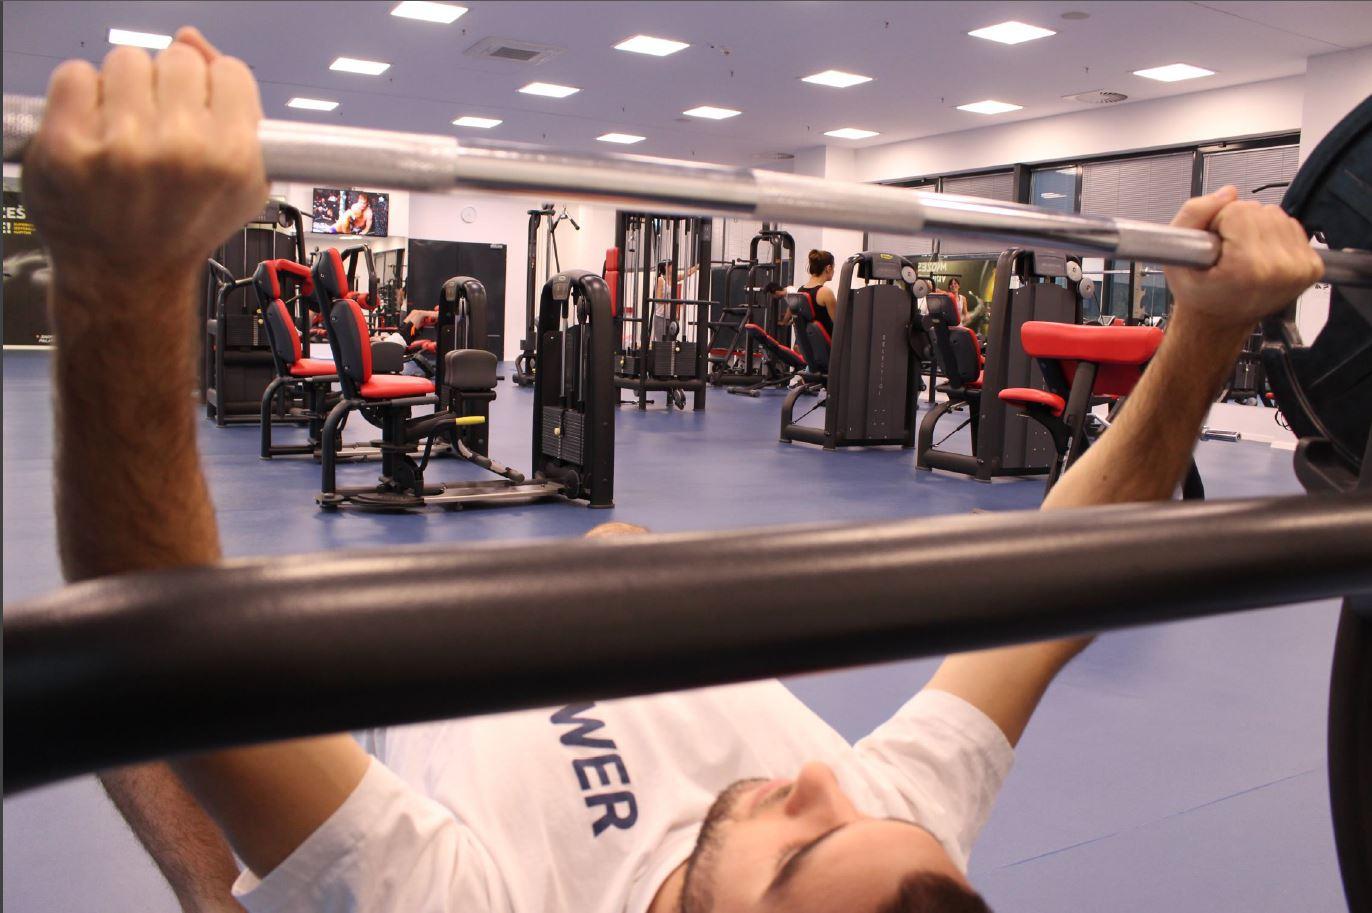 Jutarnji List Budite U Formi Dosi I Invictus Fitness Nude